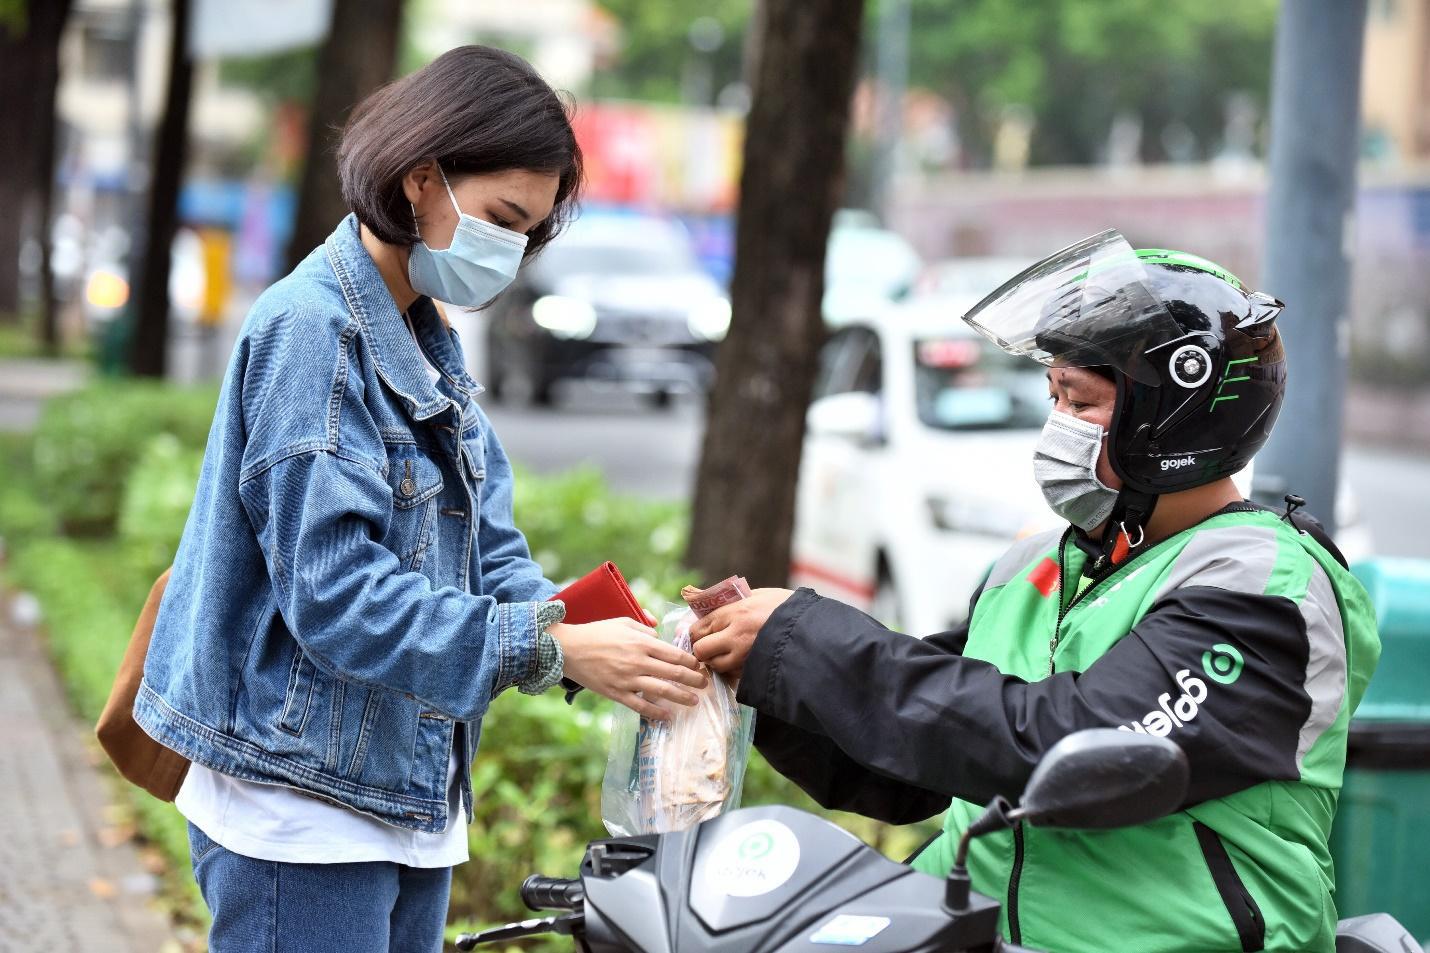 Giao nhận đồ ăn trực tuyến tại Việt Nam có thực sự làm nên chuyện? - Ảnh 1.